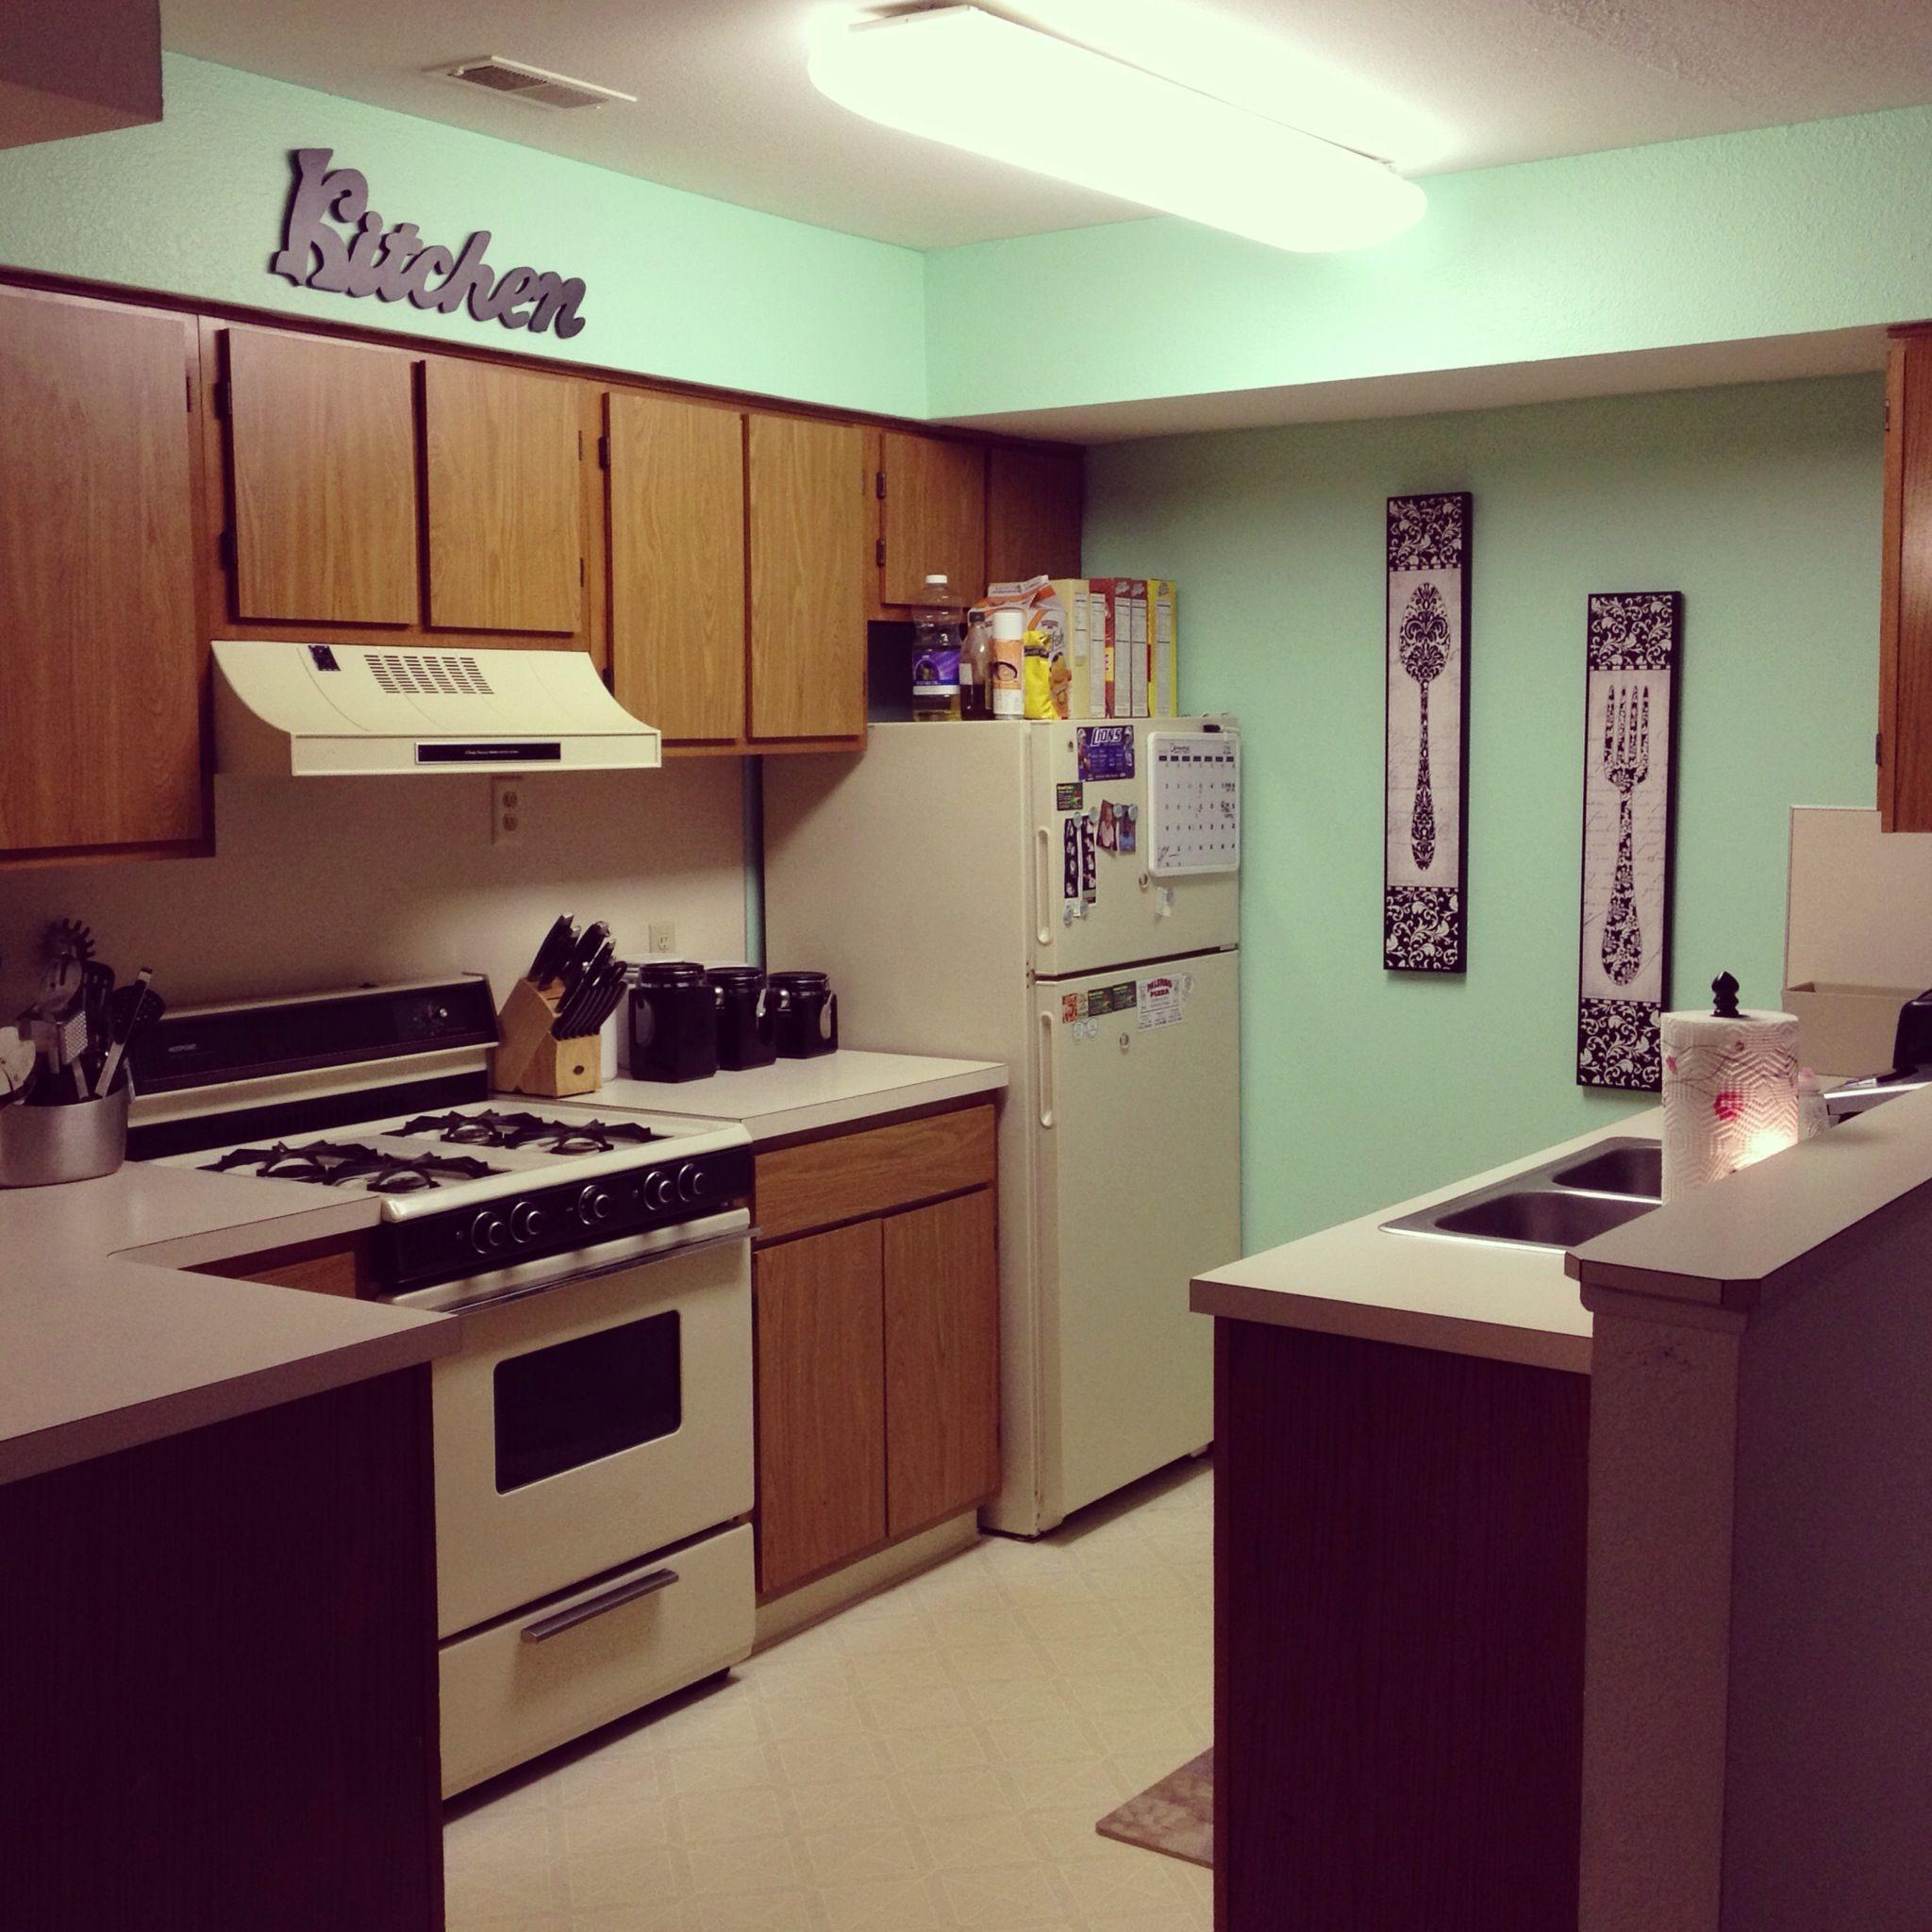 Decorating Kitchen Colors: Our New Mint Kitchen! Valspar Paint : Beach Blanket